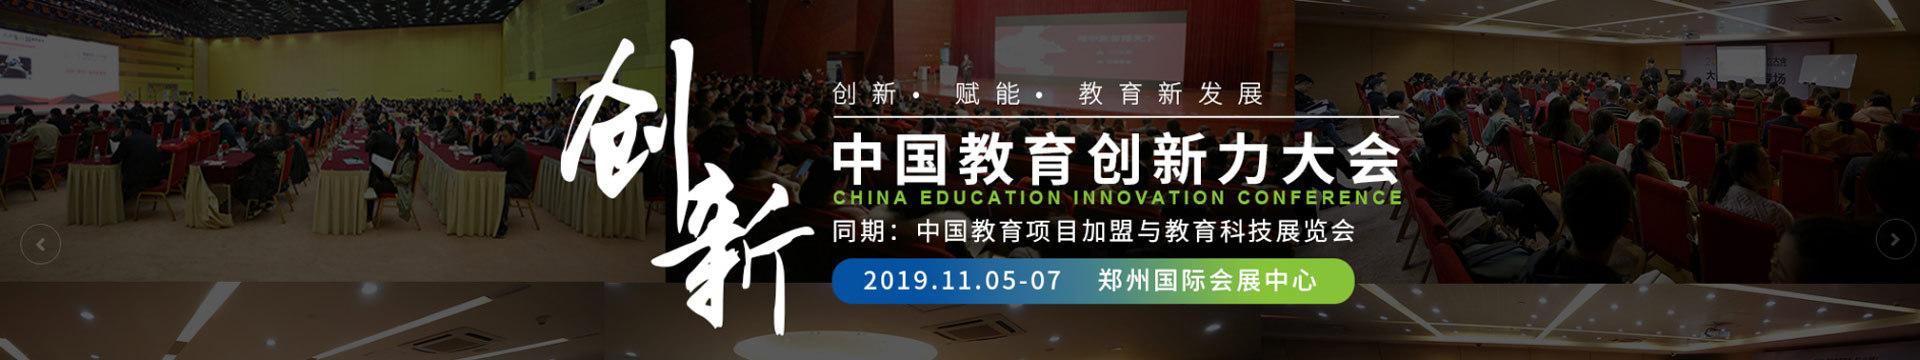 2019教育創新力大會暨教育加盟展(鄭州)